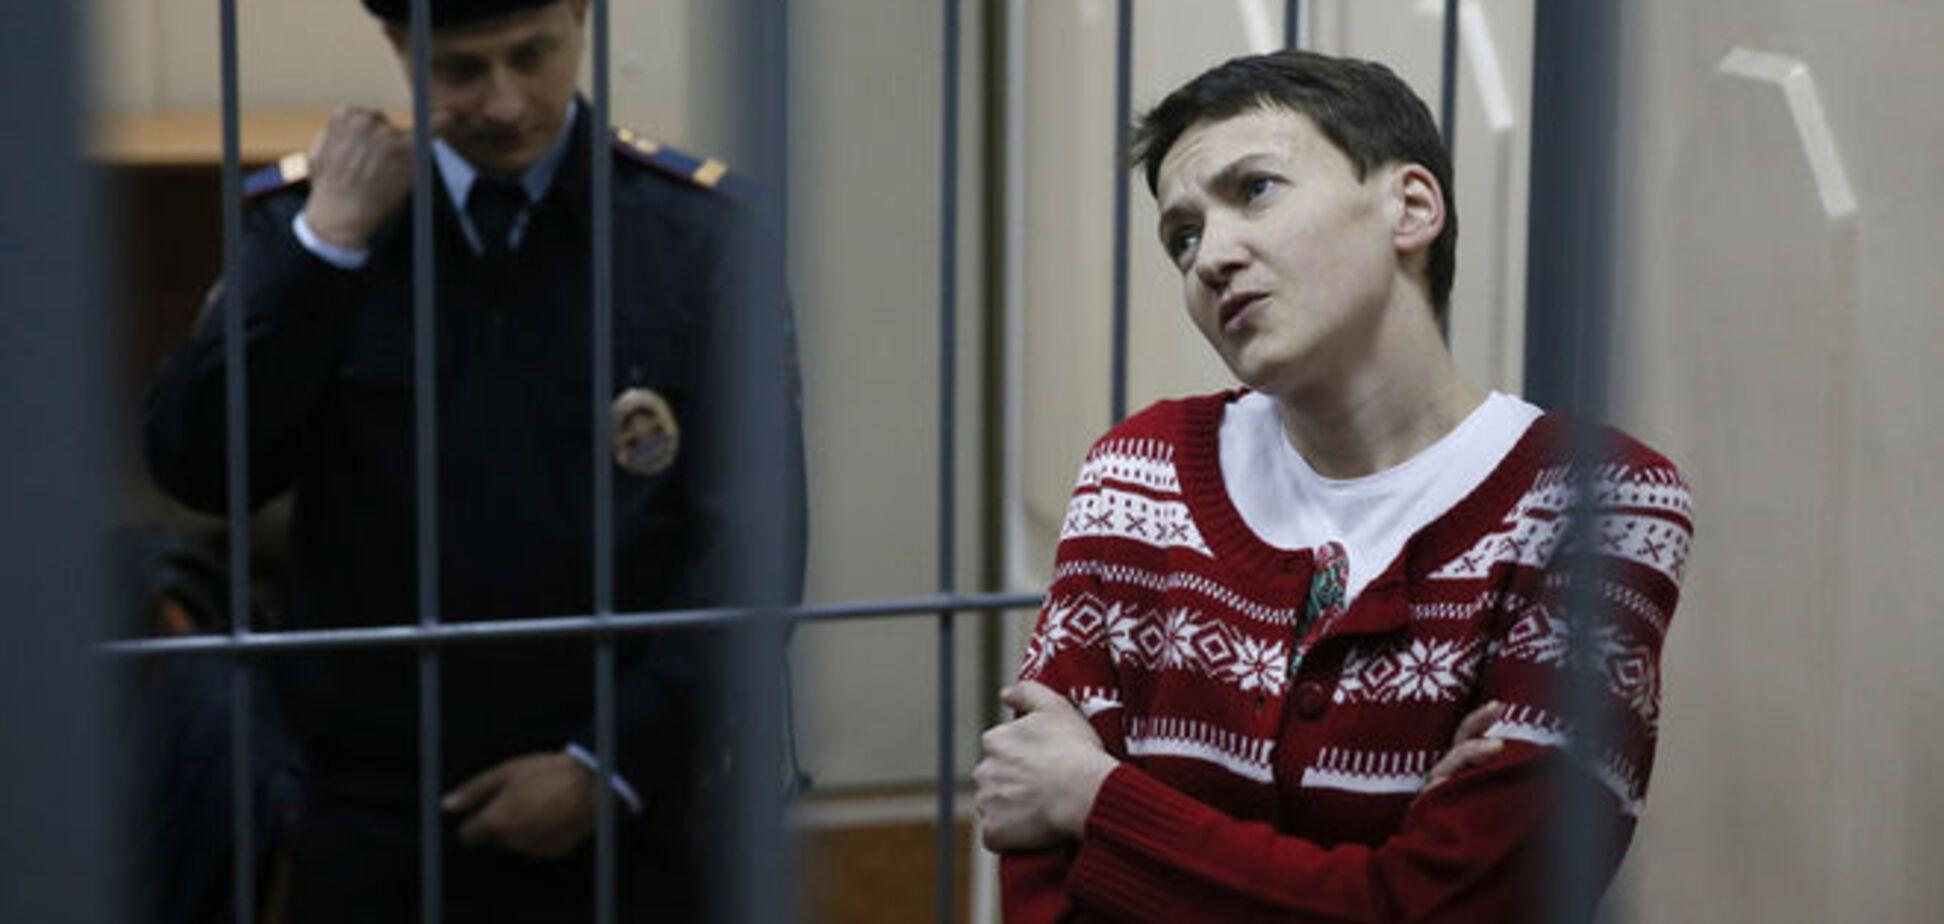 Савченко получила от адвокатов особое питание для выхода из 83-дневной голодовки